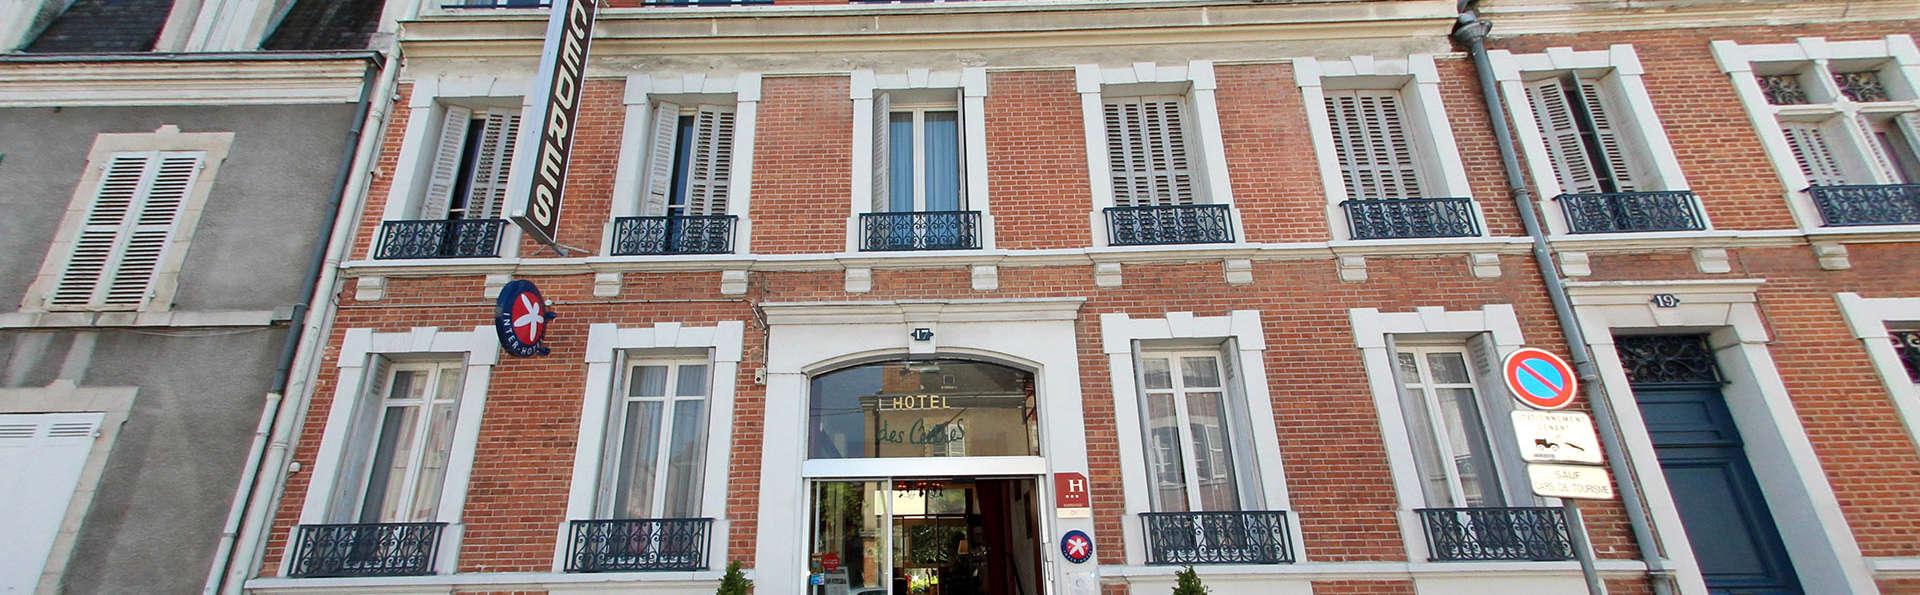 Hôtel des Cèdres - Edit_Front2.jpg